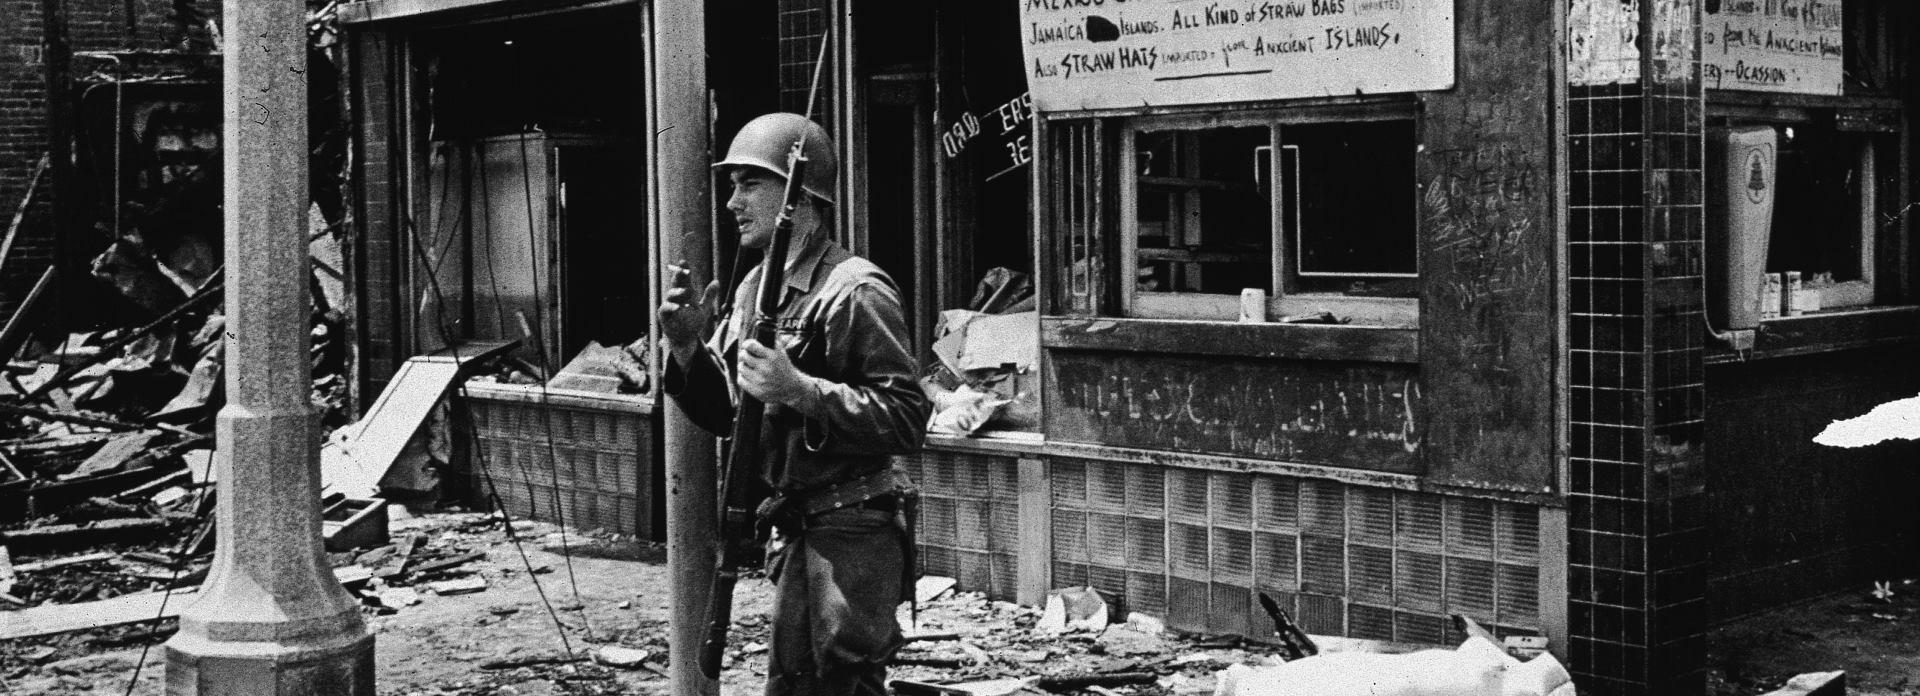 VIDEO: Pedeset godina od početka nereda Watts riots